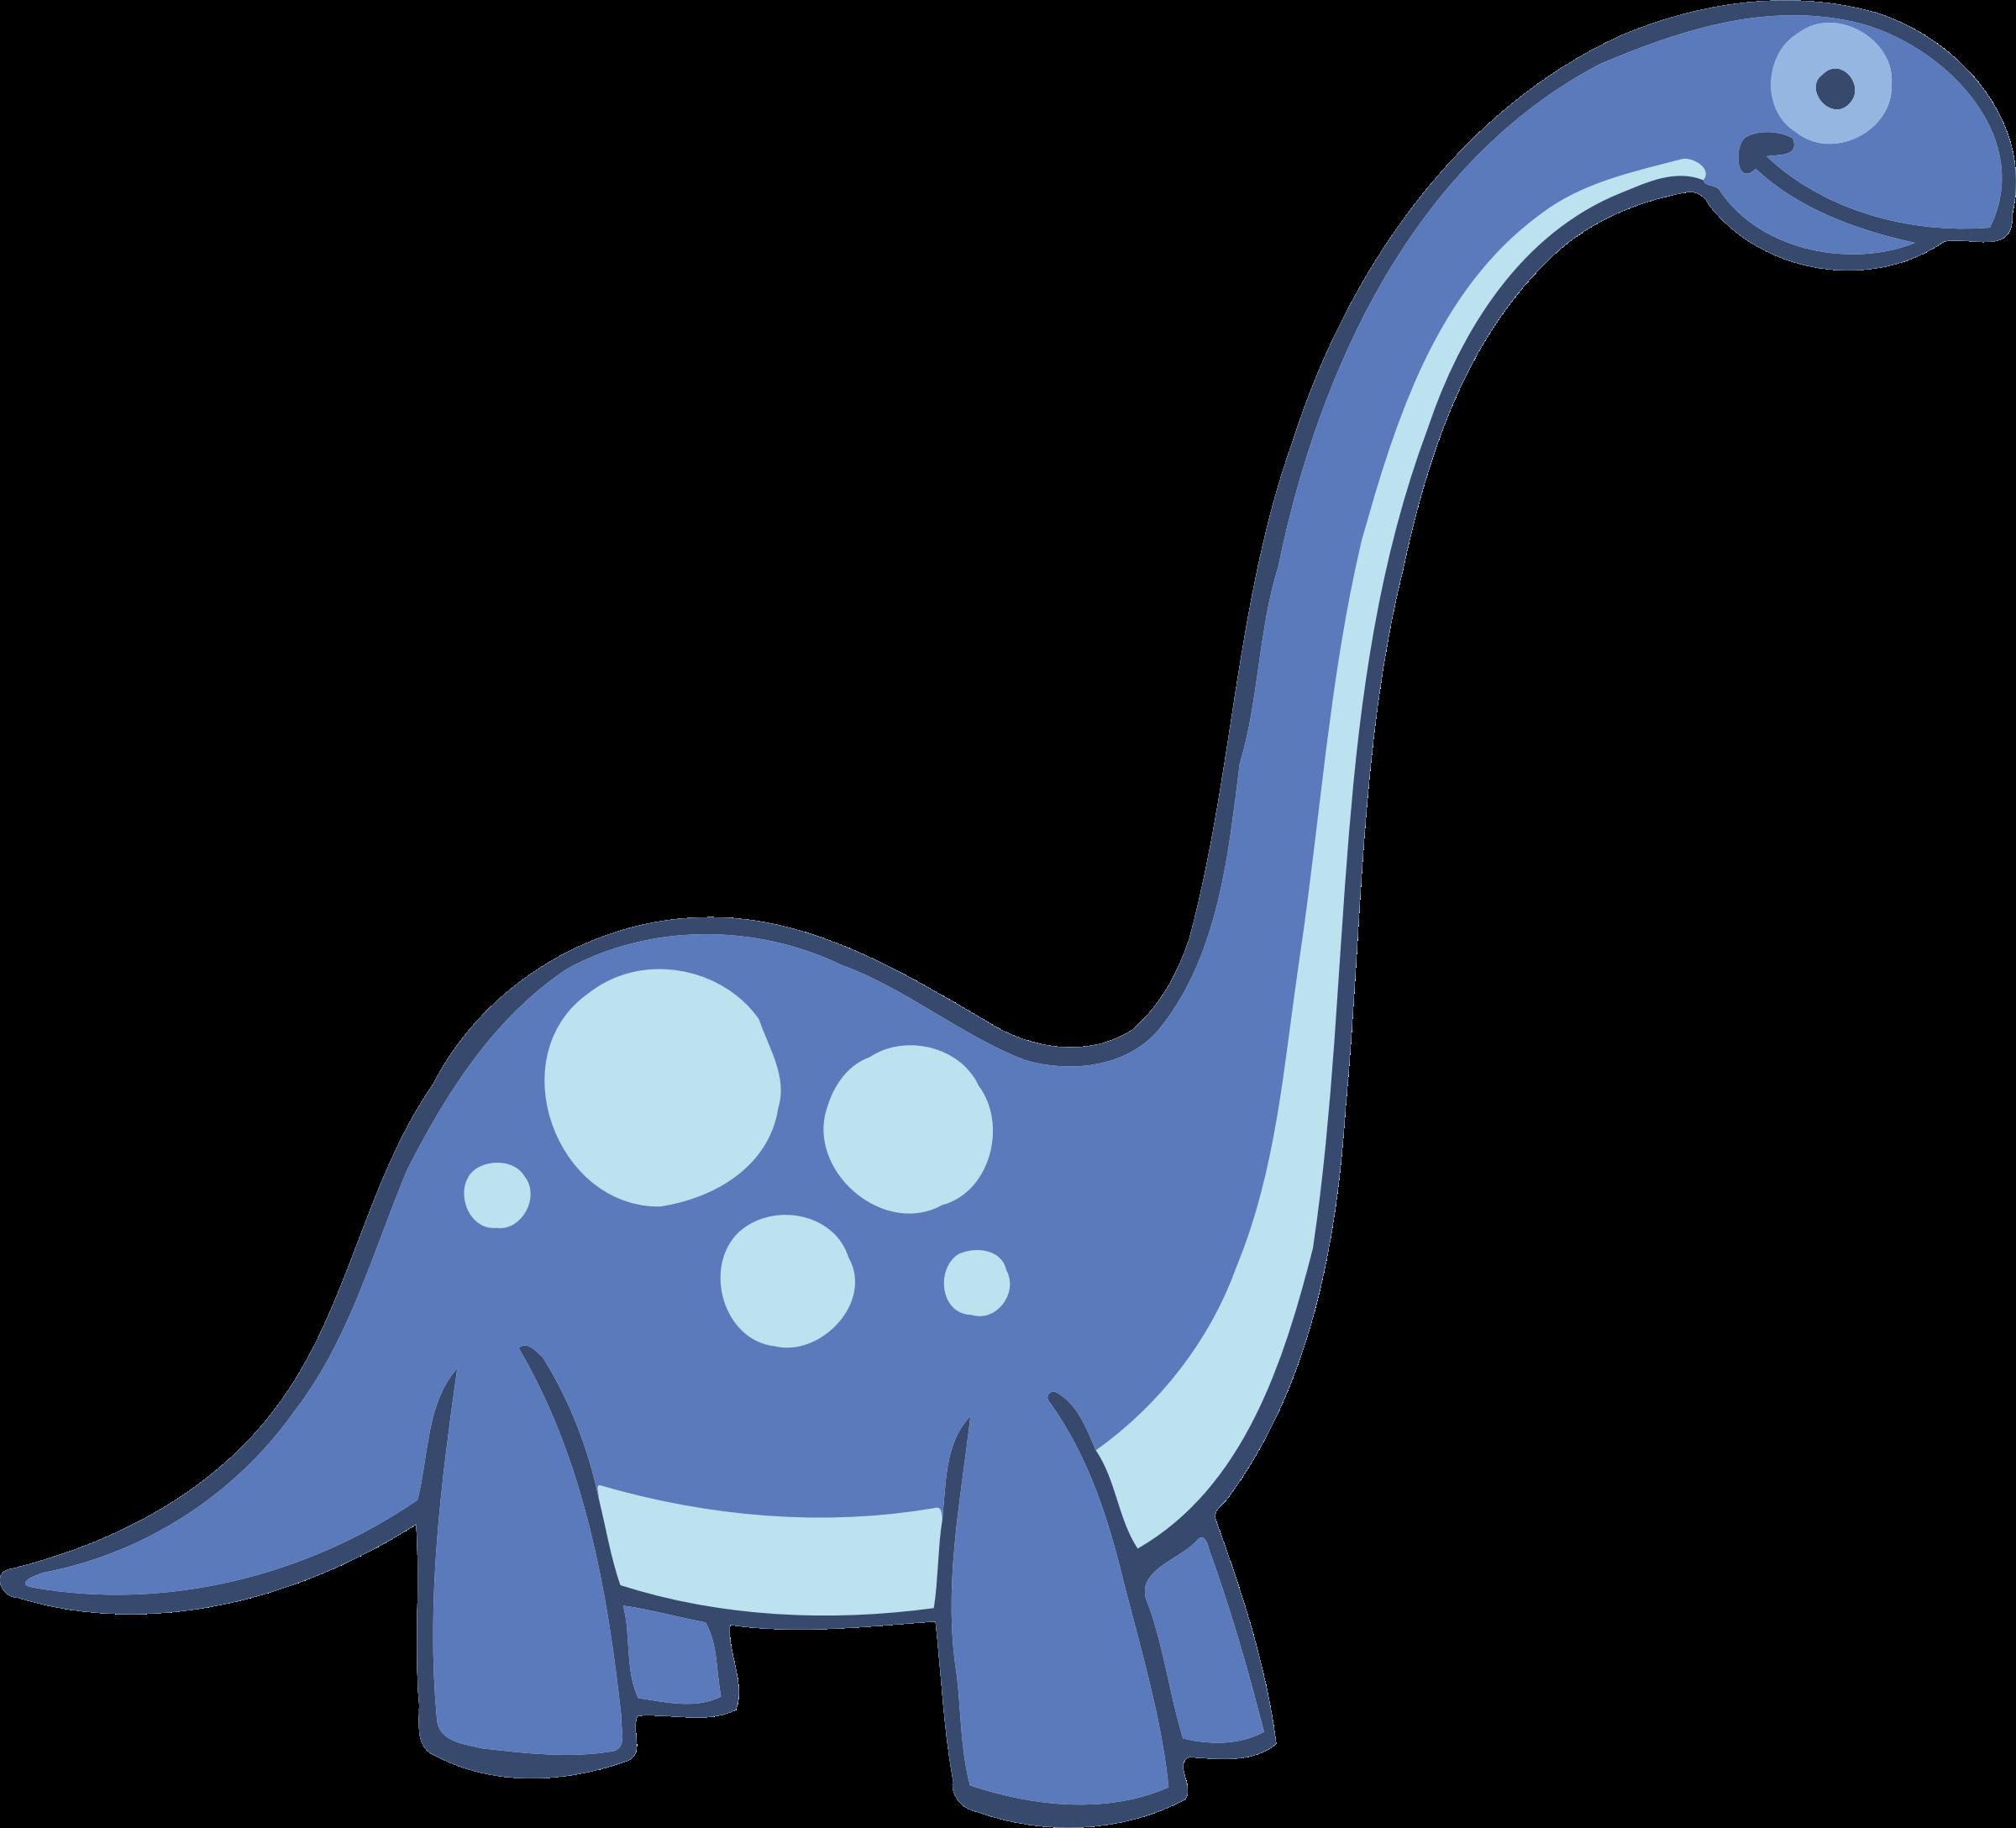 Brontosaurus Clip art Openclipart Tyrannosaurus Dinosaur.